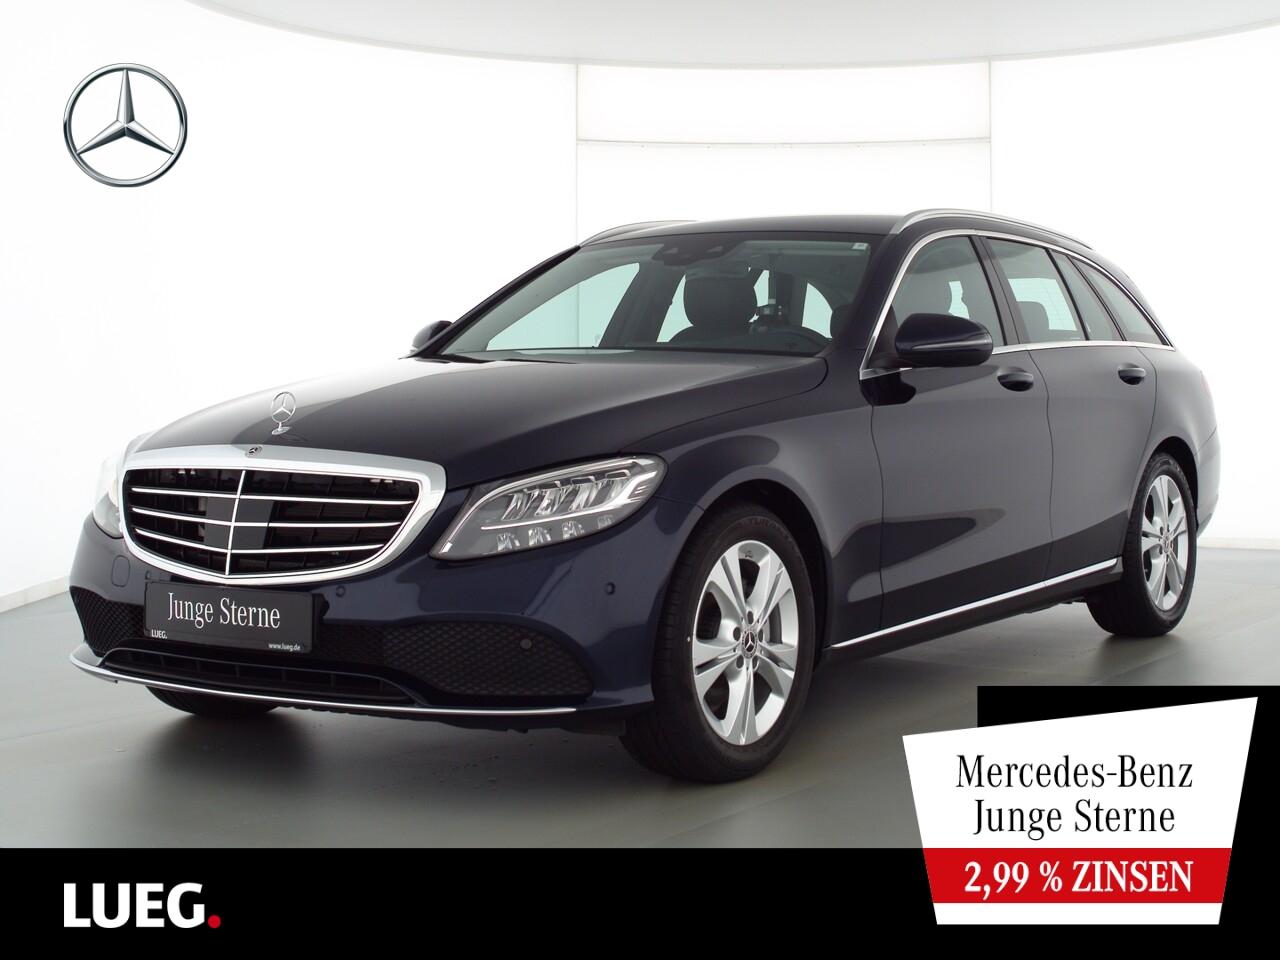 Mercedes-Benz C 200 d T Exclusive+Navi+LED-HP+Distr+EHeckk+Mem, Jahr 2020, Diesel